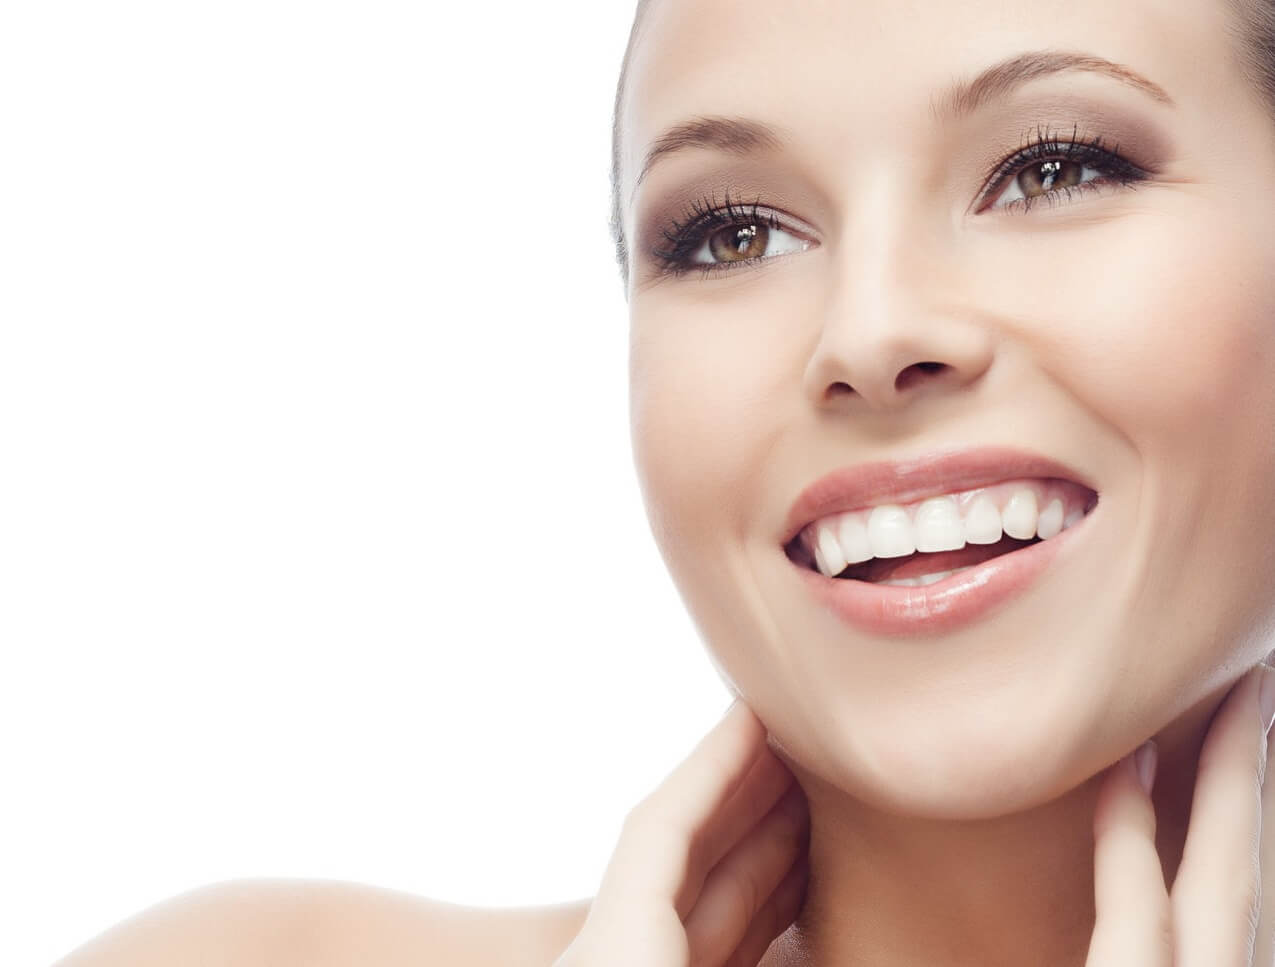 Wie man eine klare, strahlende Haut natürlich und effektiv erhält